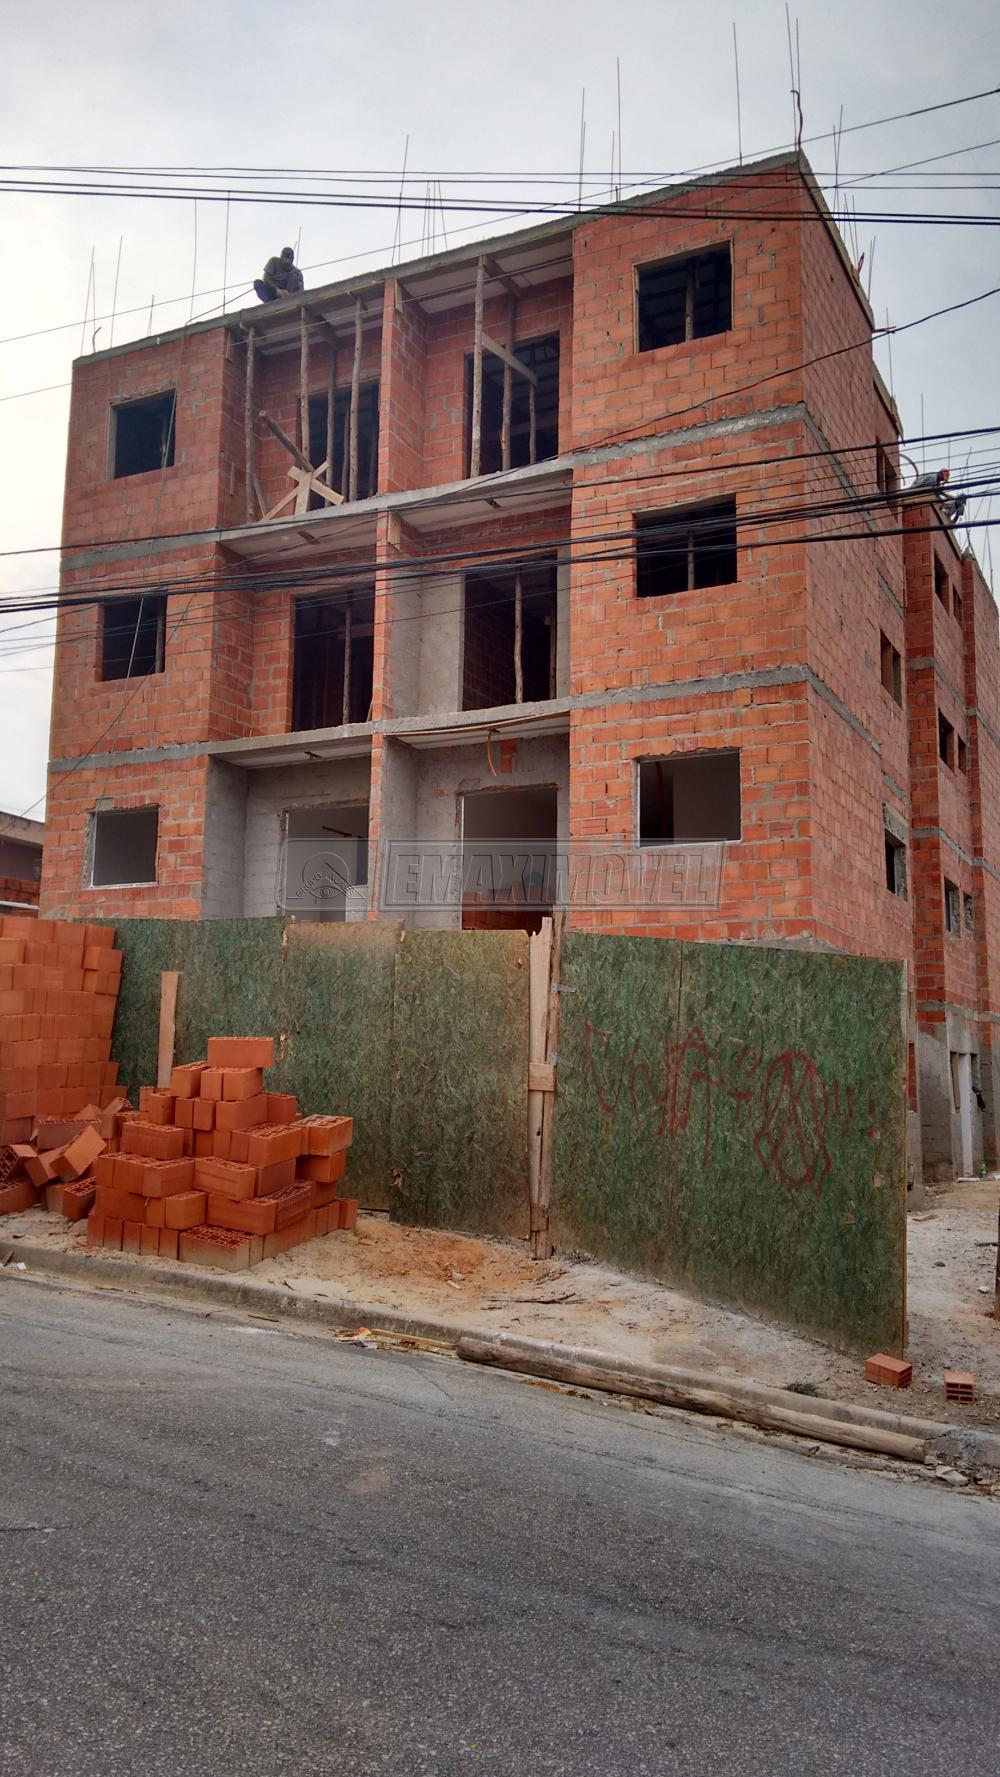 Comprar Apartamentos / Apto Padrão em Sorocaba apenas R$ 135.000,00 - Foto 4